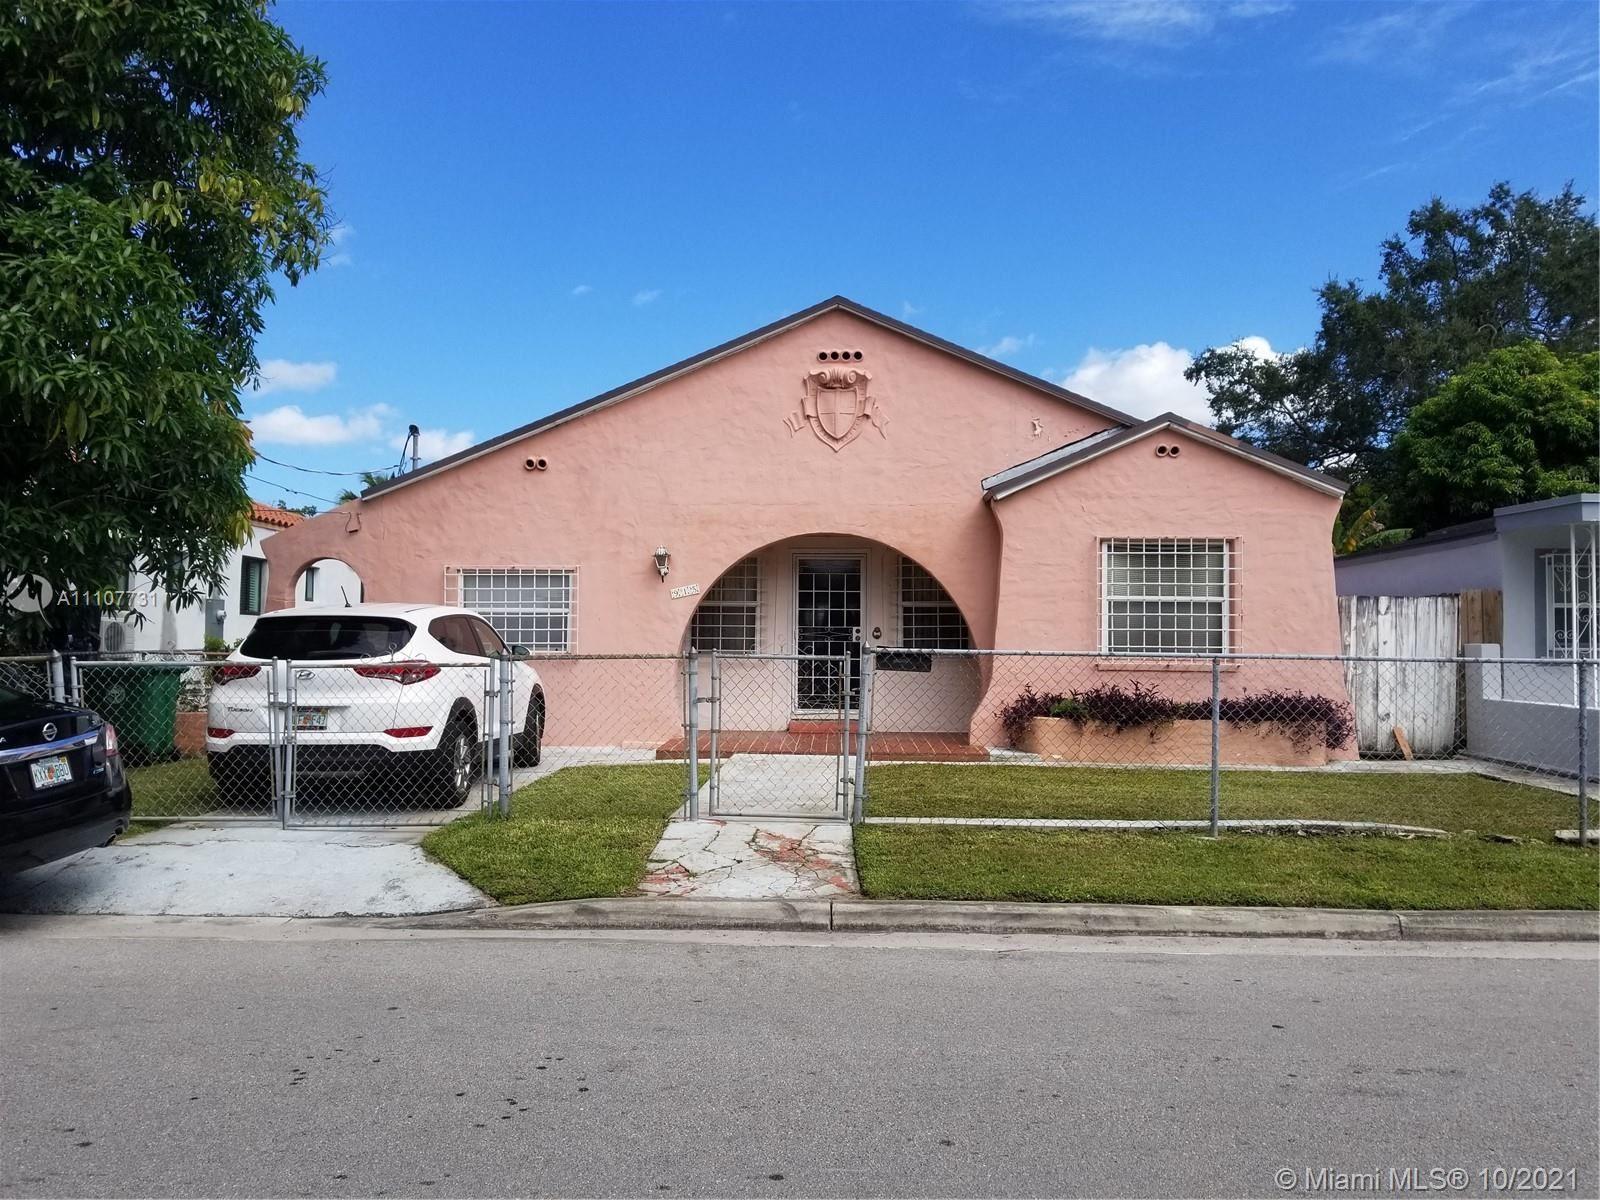 915 SW 9th Ct, Miami, FL 33130 - #: A11107731